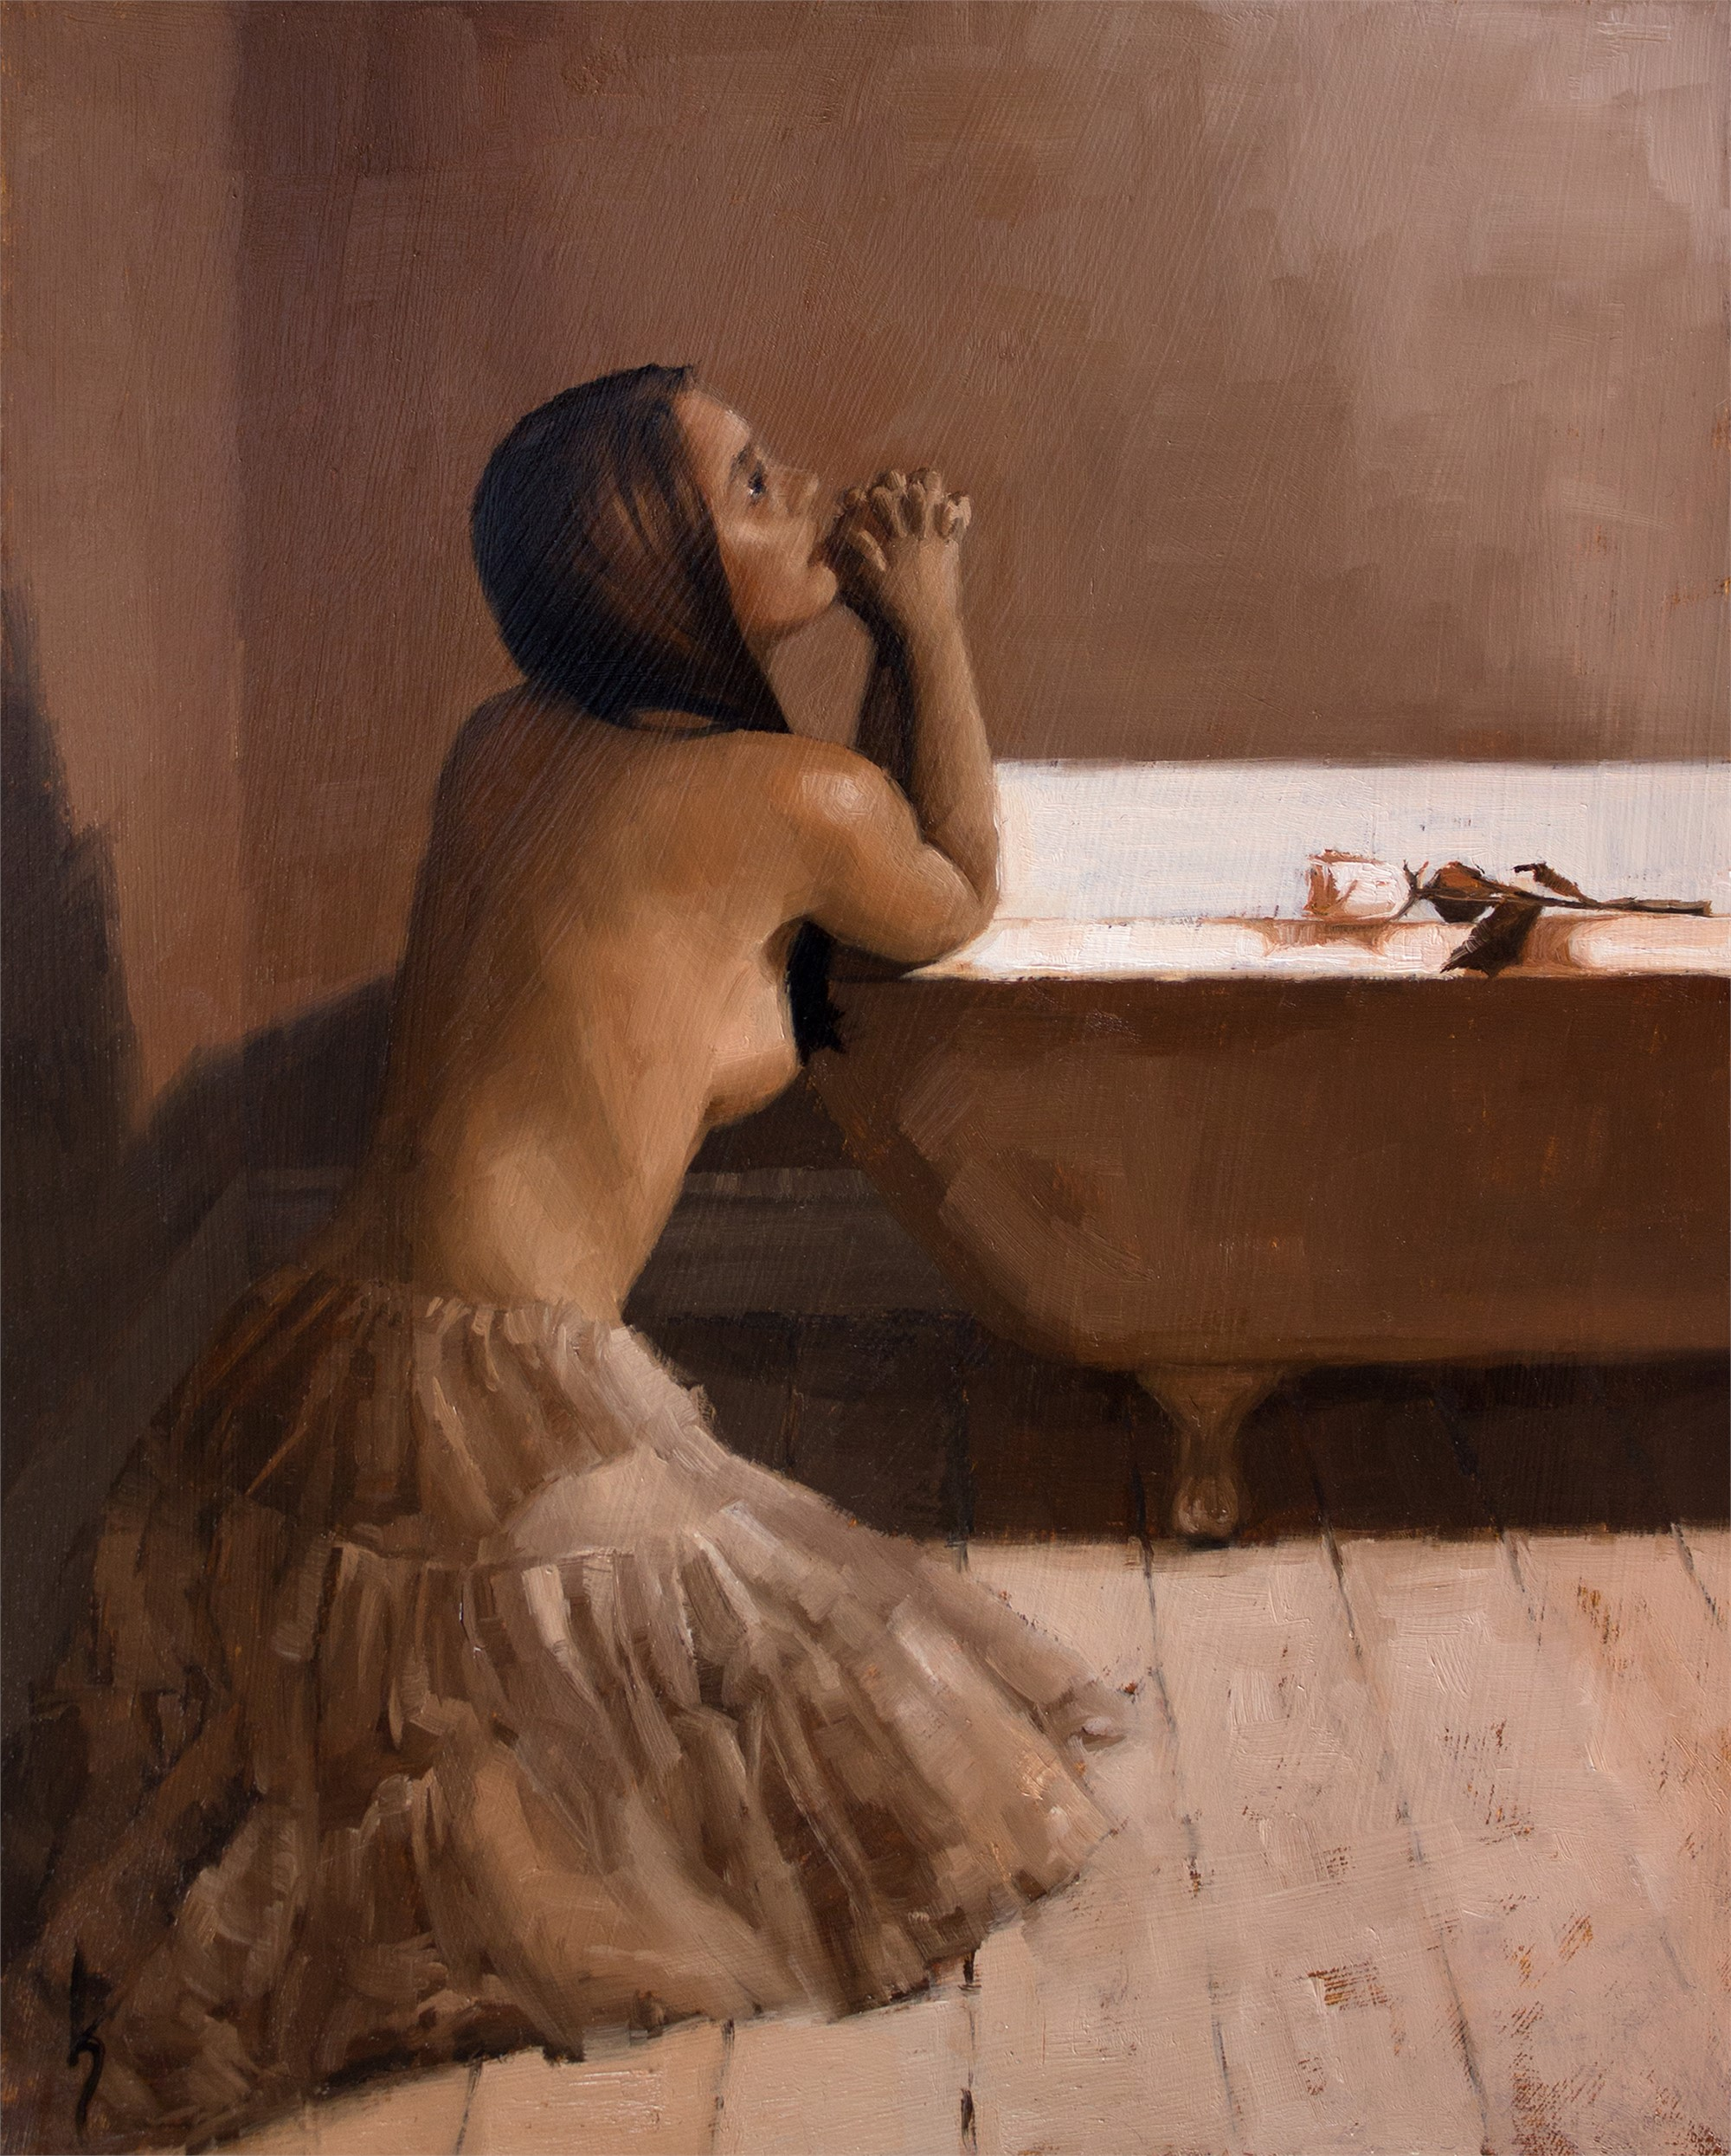 Temptation by Kirsten Savage